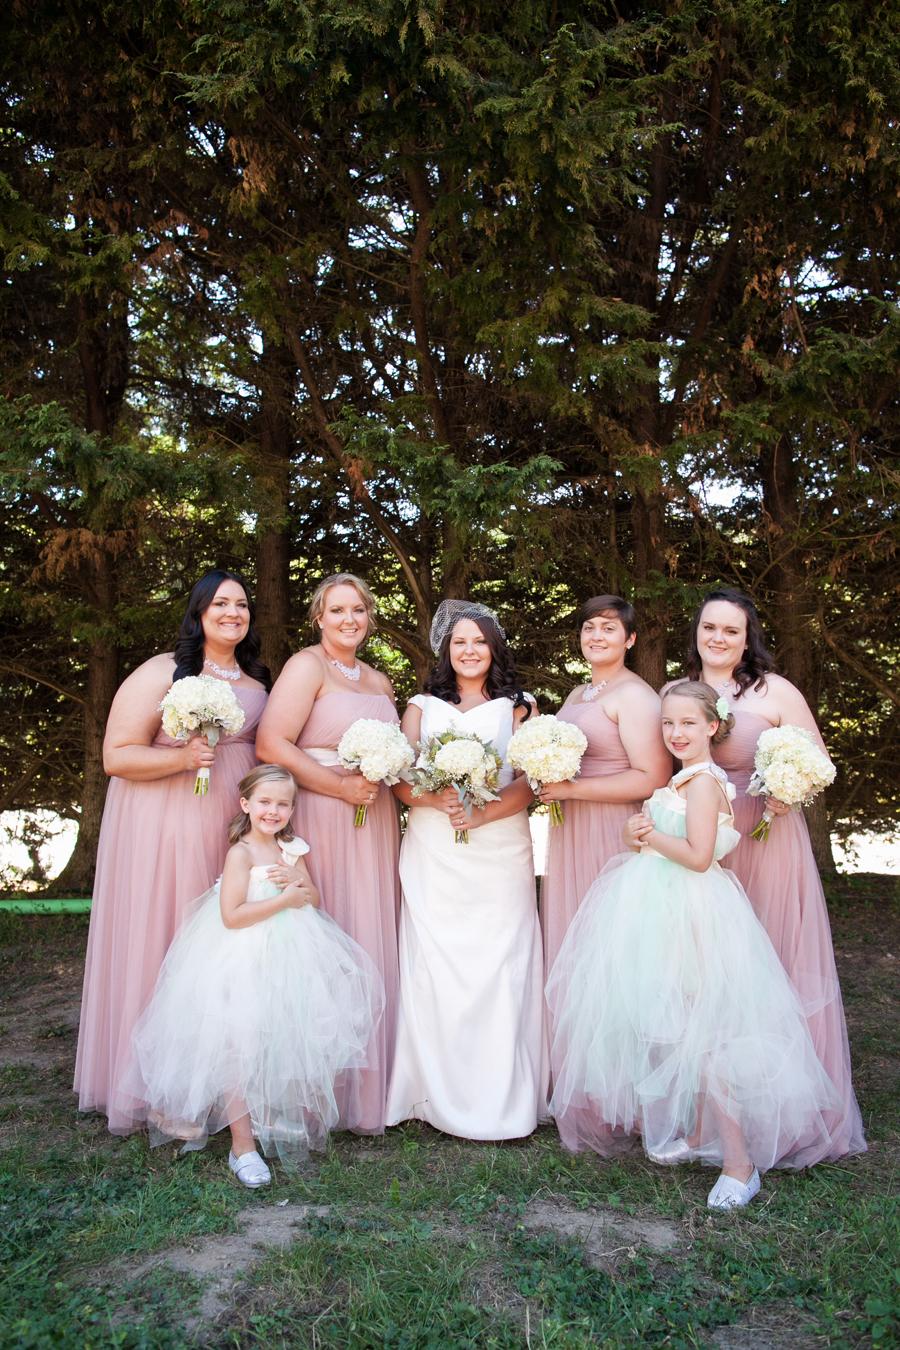 045-llama-rose-farm-wedding.jpg